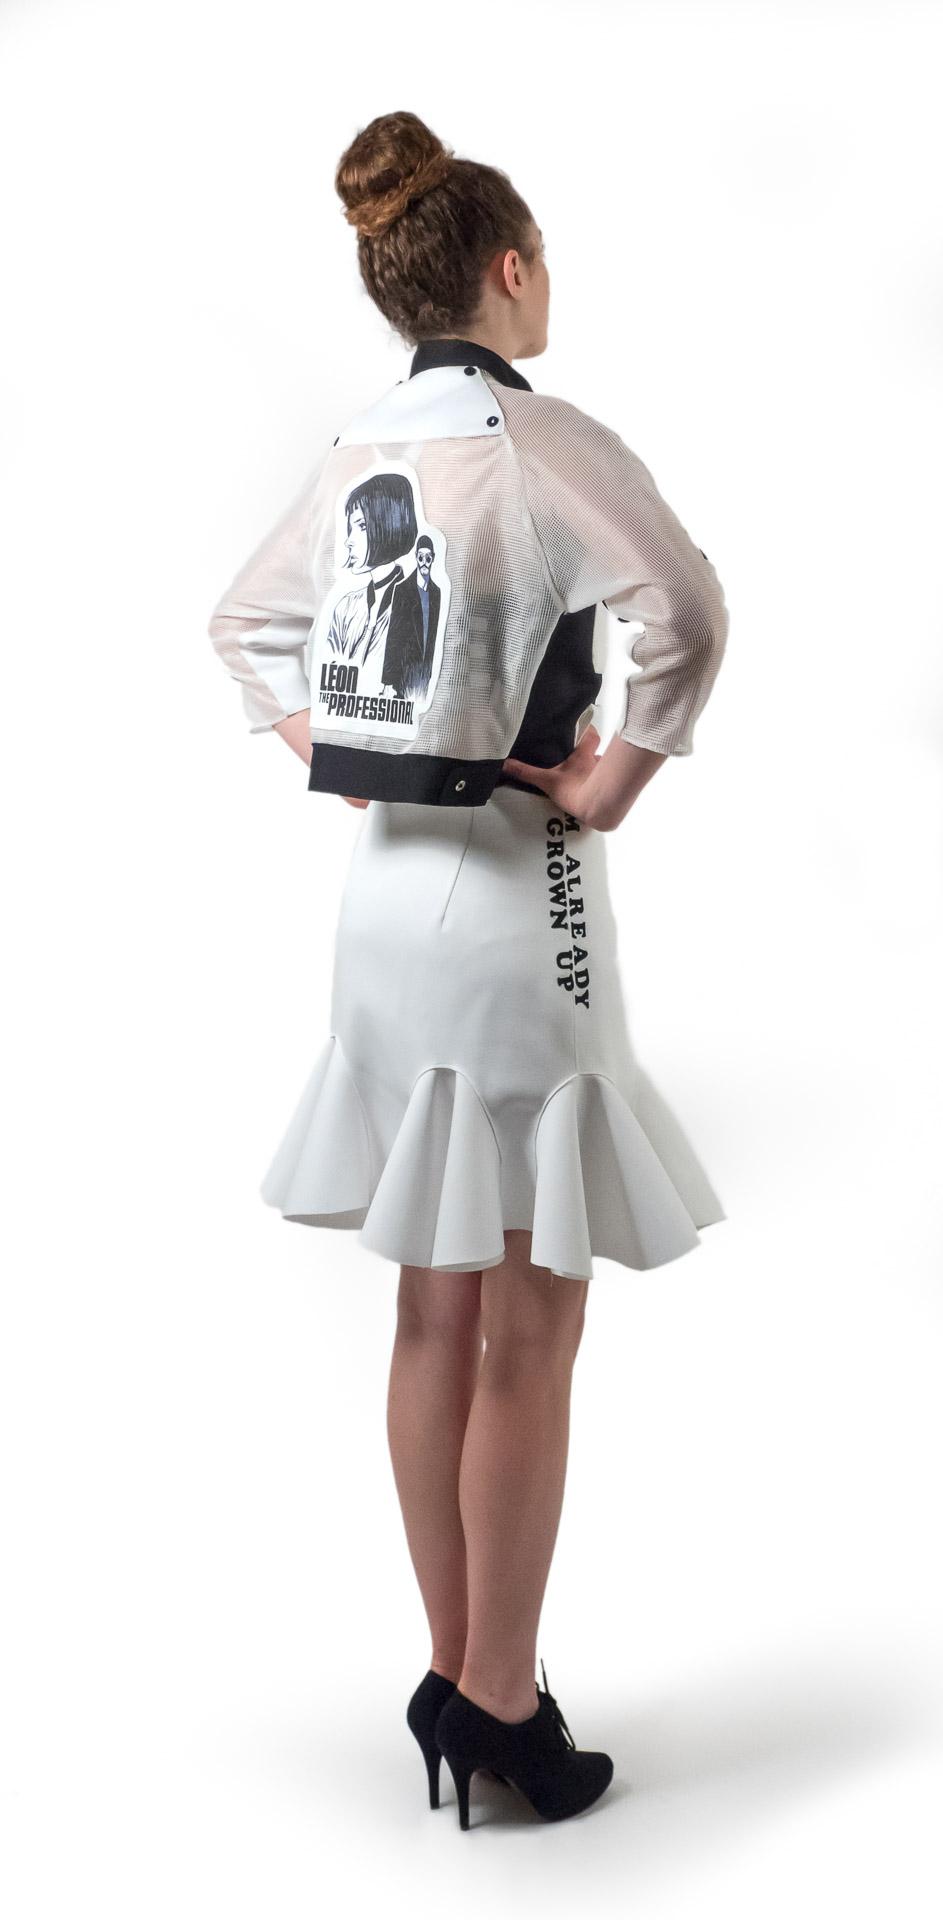 Hiatt.Peter.Fashion-18.jpg